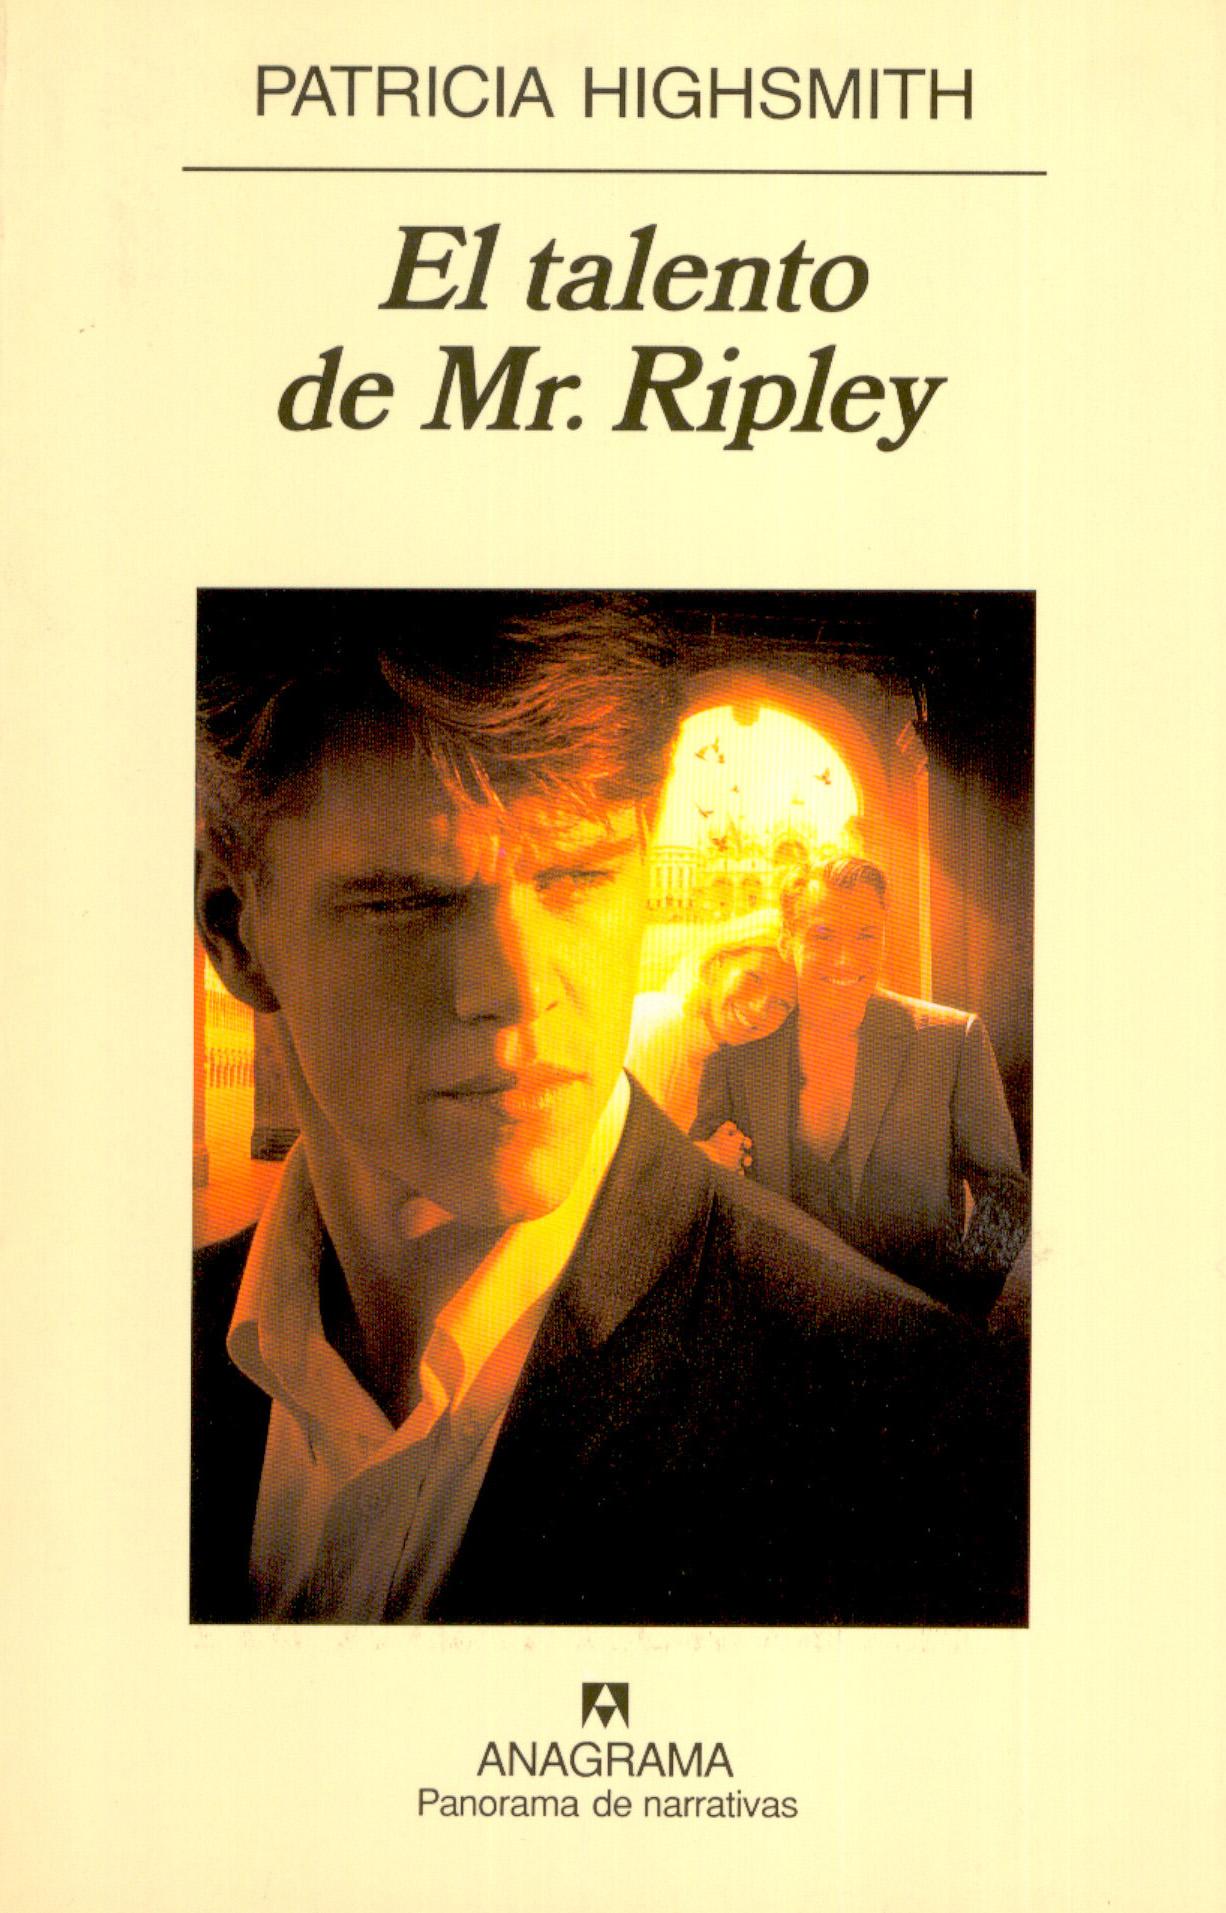 El talento de Mr. Ripley - Highsmith, Patricia - 978-84-339-3005-7 -  Editorial Anagrama